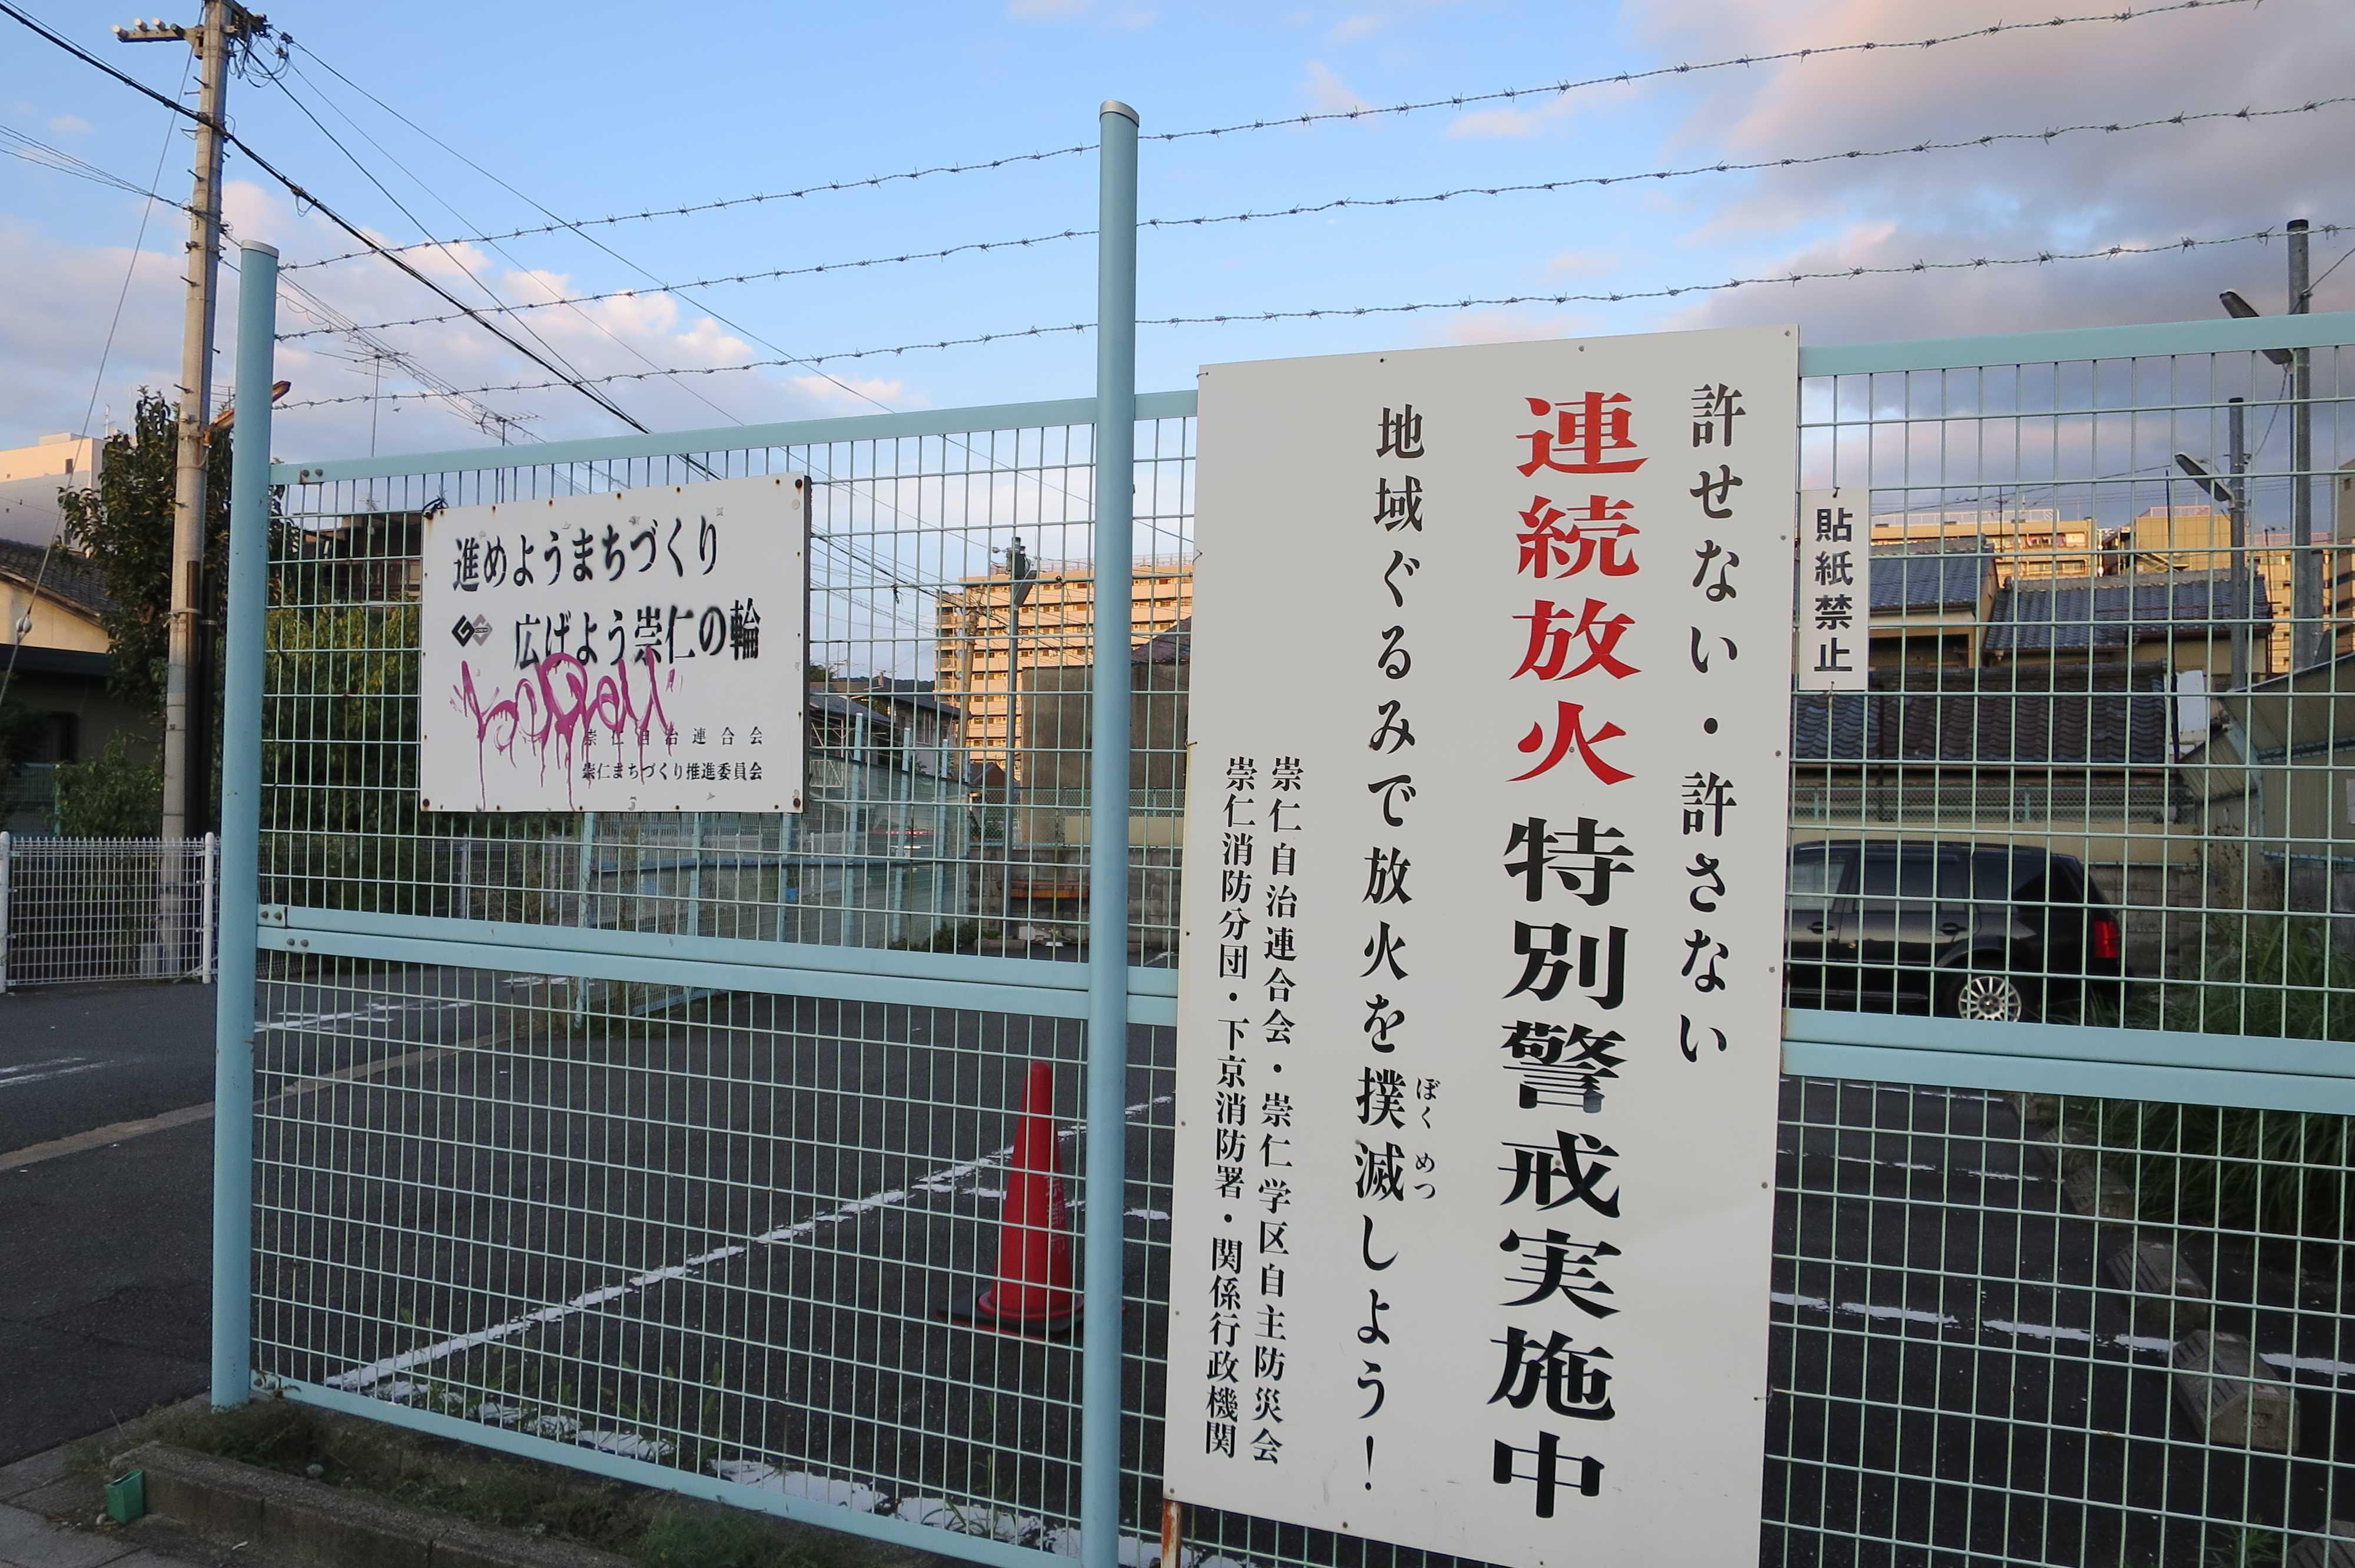 京都・崇仁地区 - 許せない連続放火 特別警戒実施中